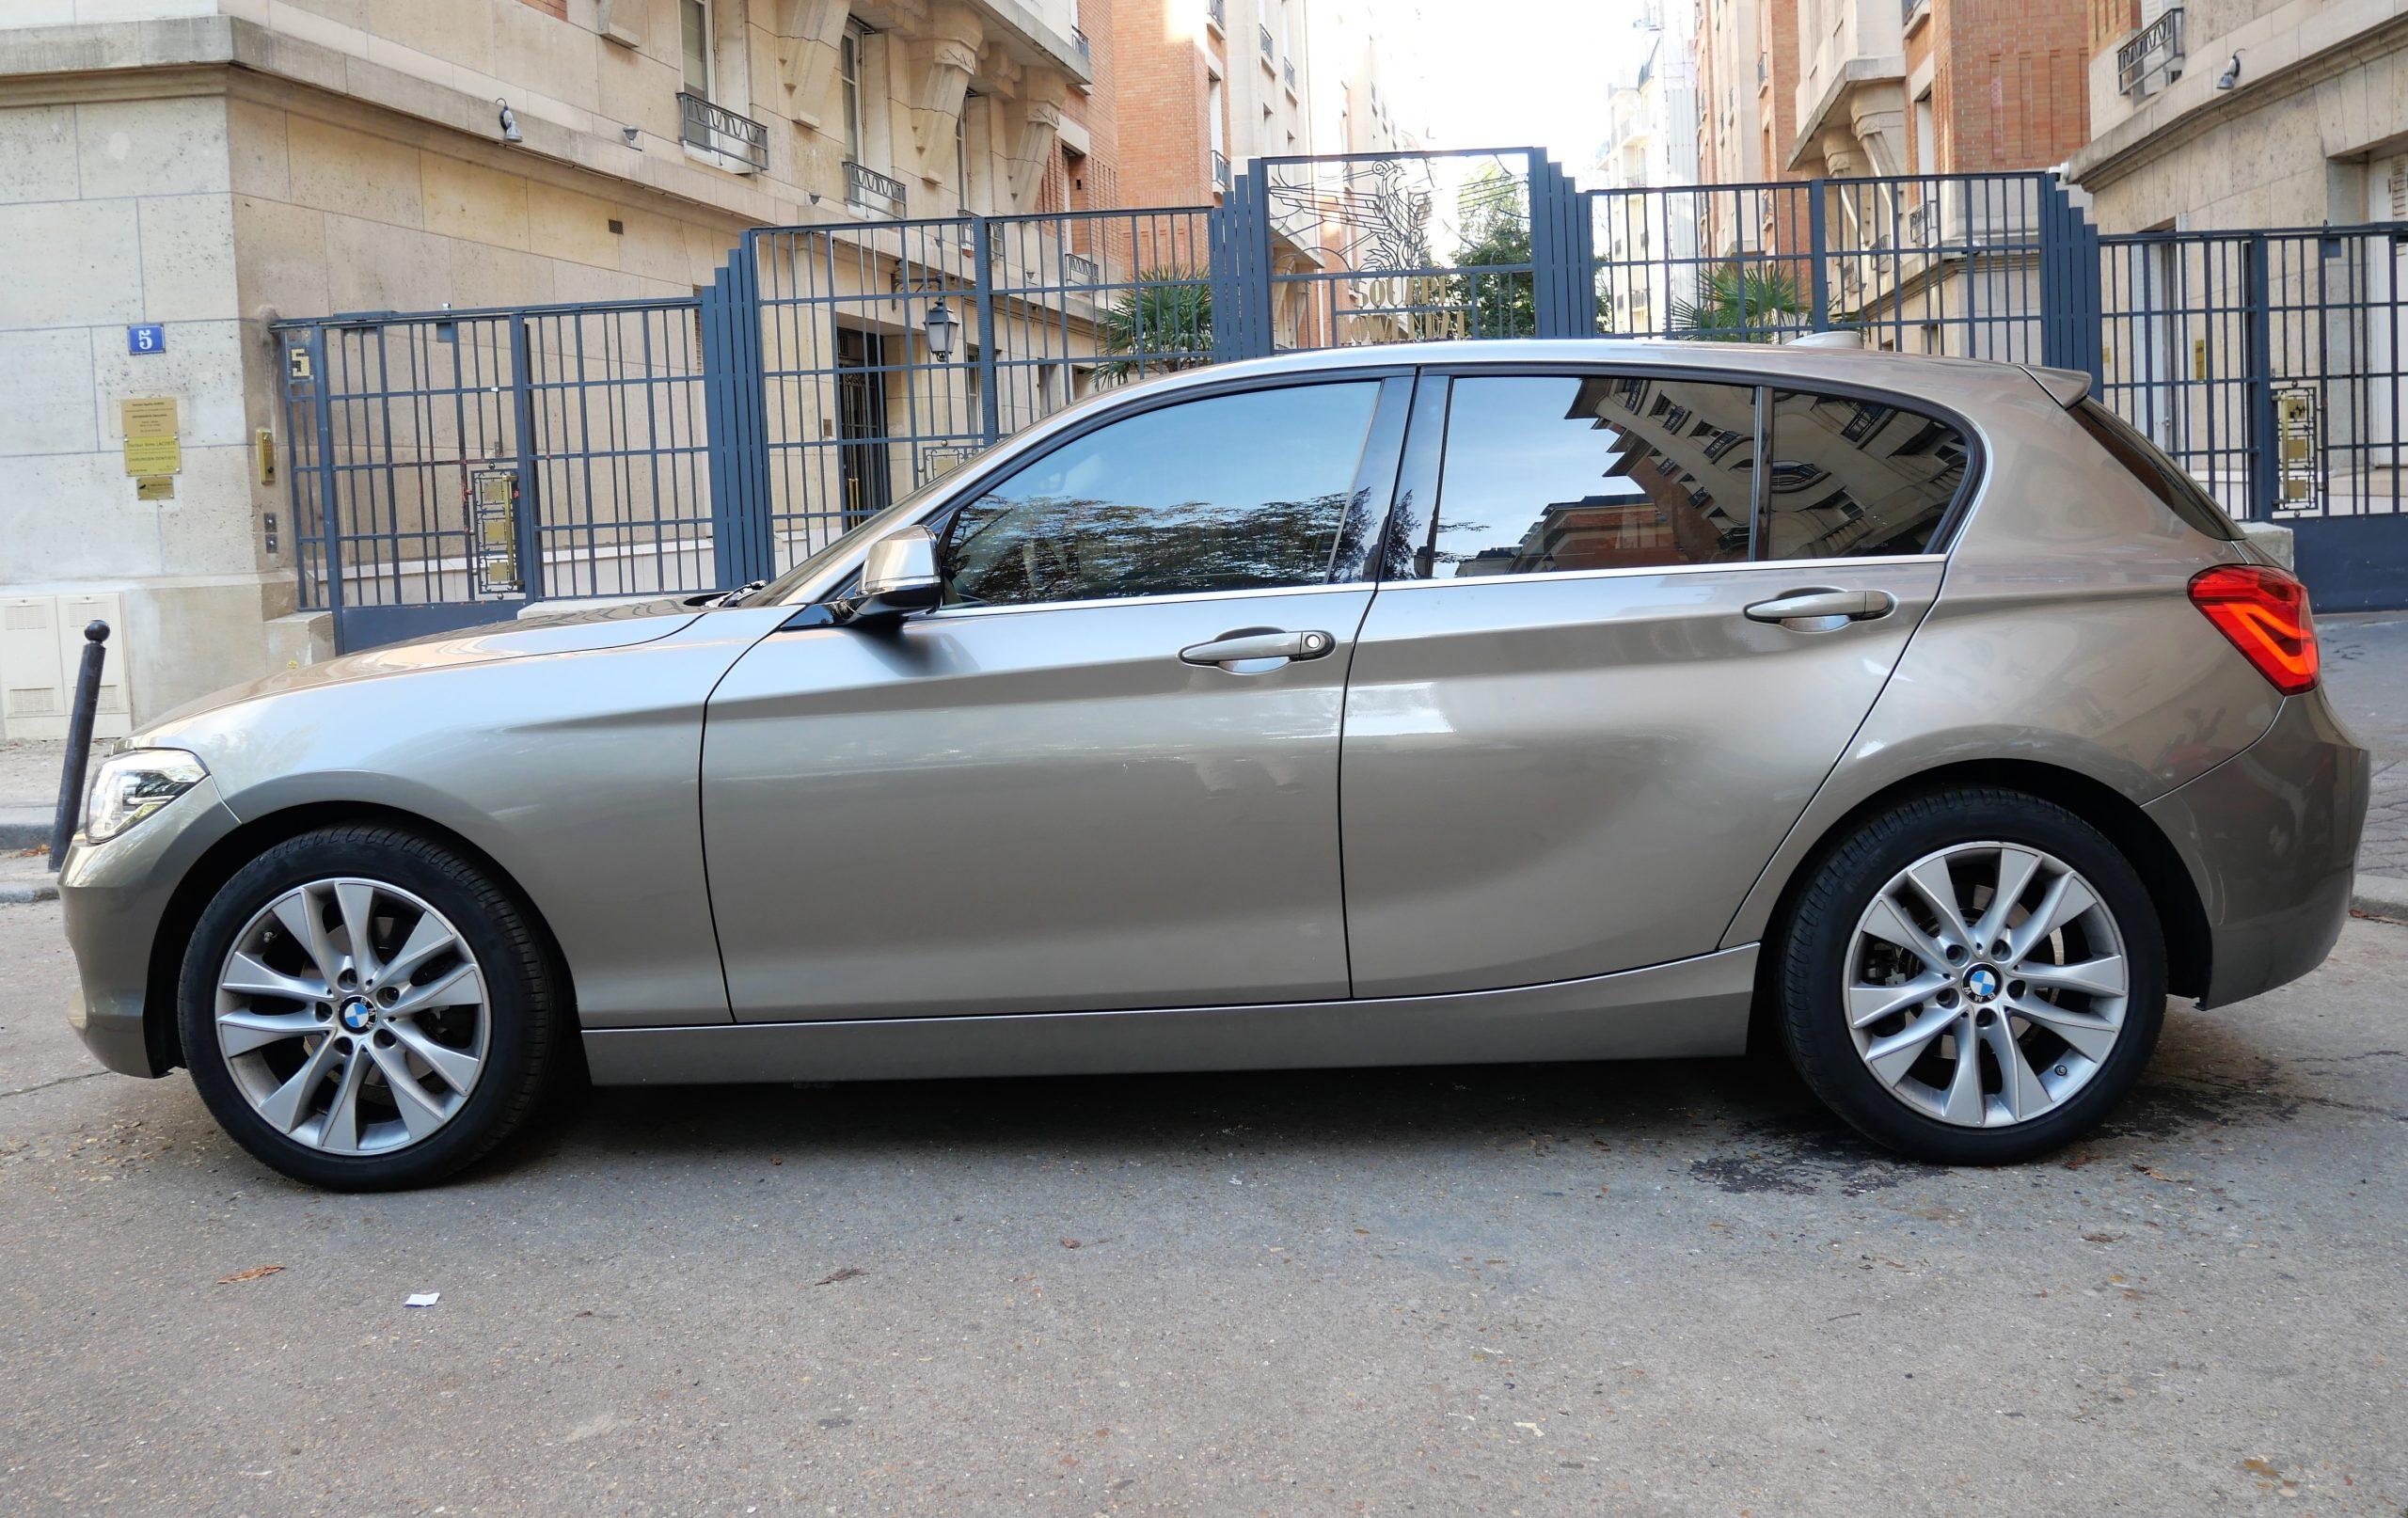 BMW Série 1 (F20) XDrive LCI 120d 2.0 d 190ch 1